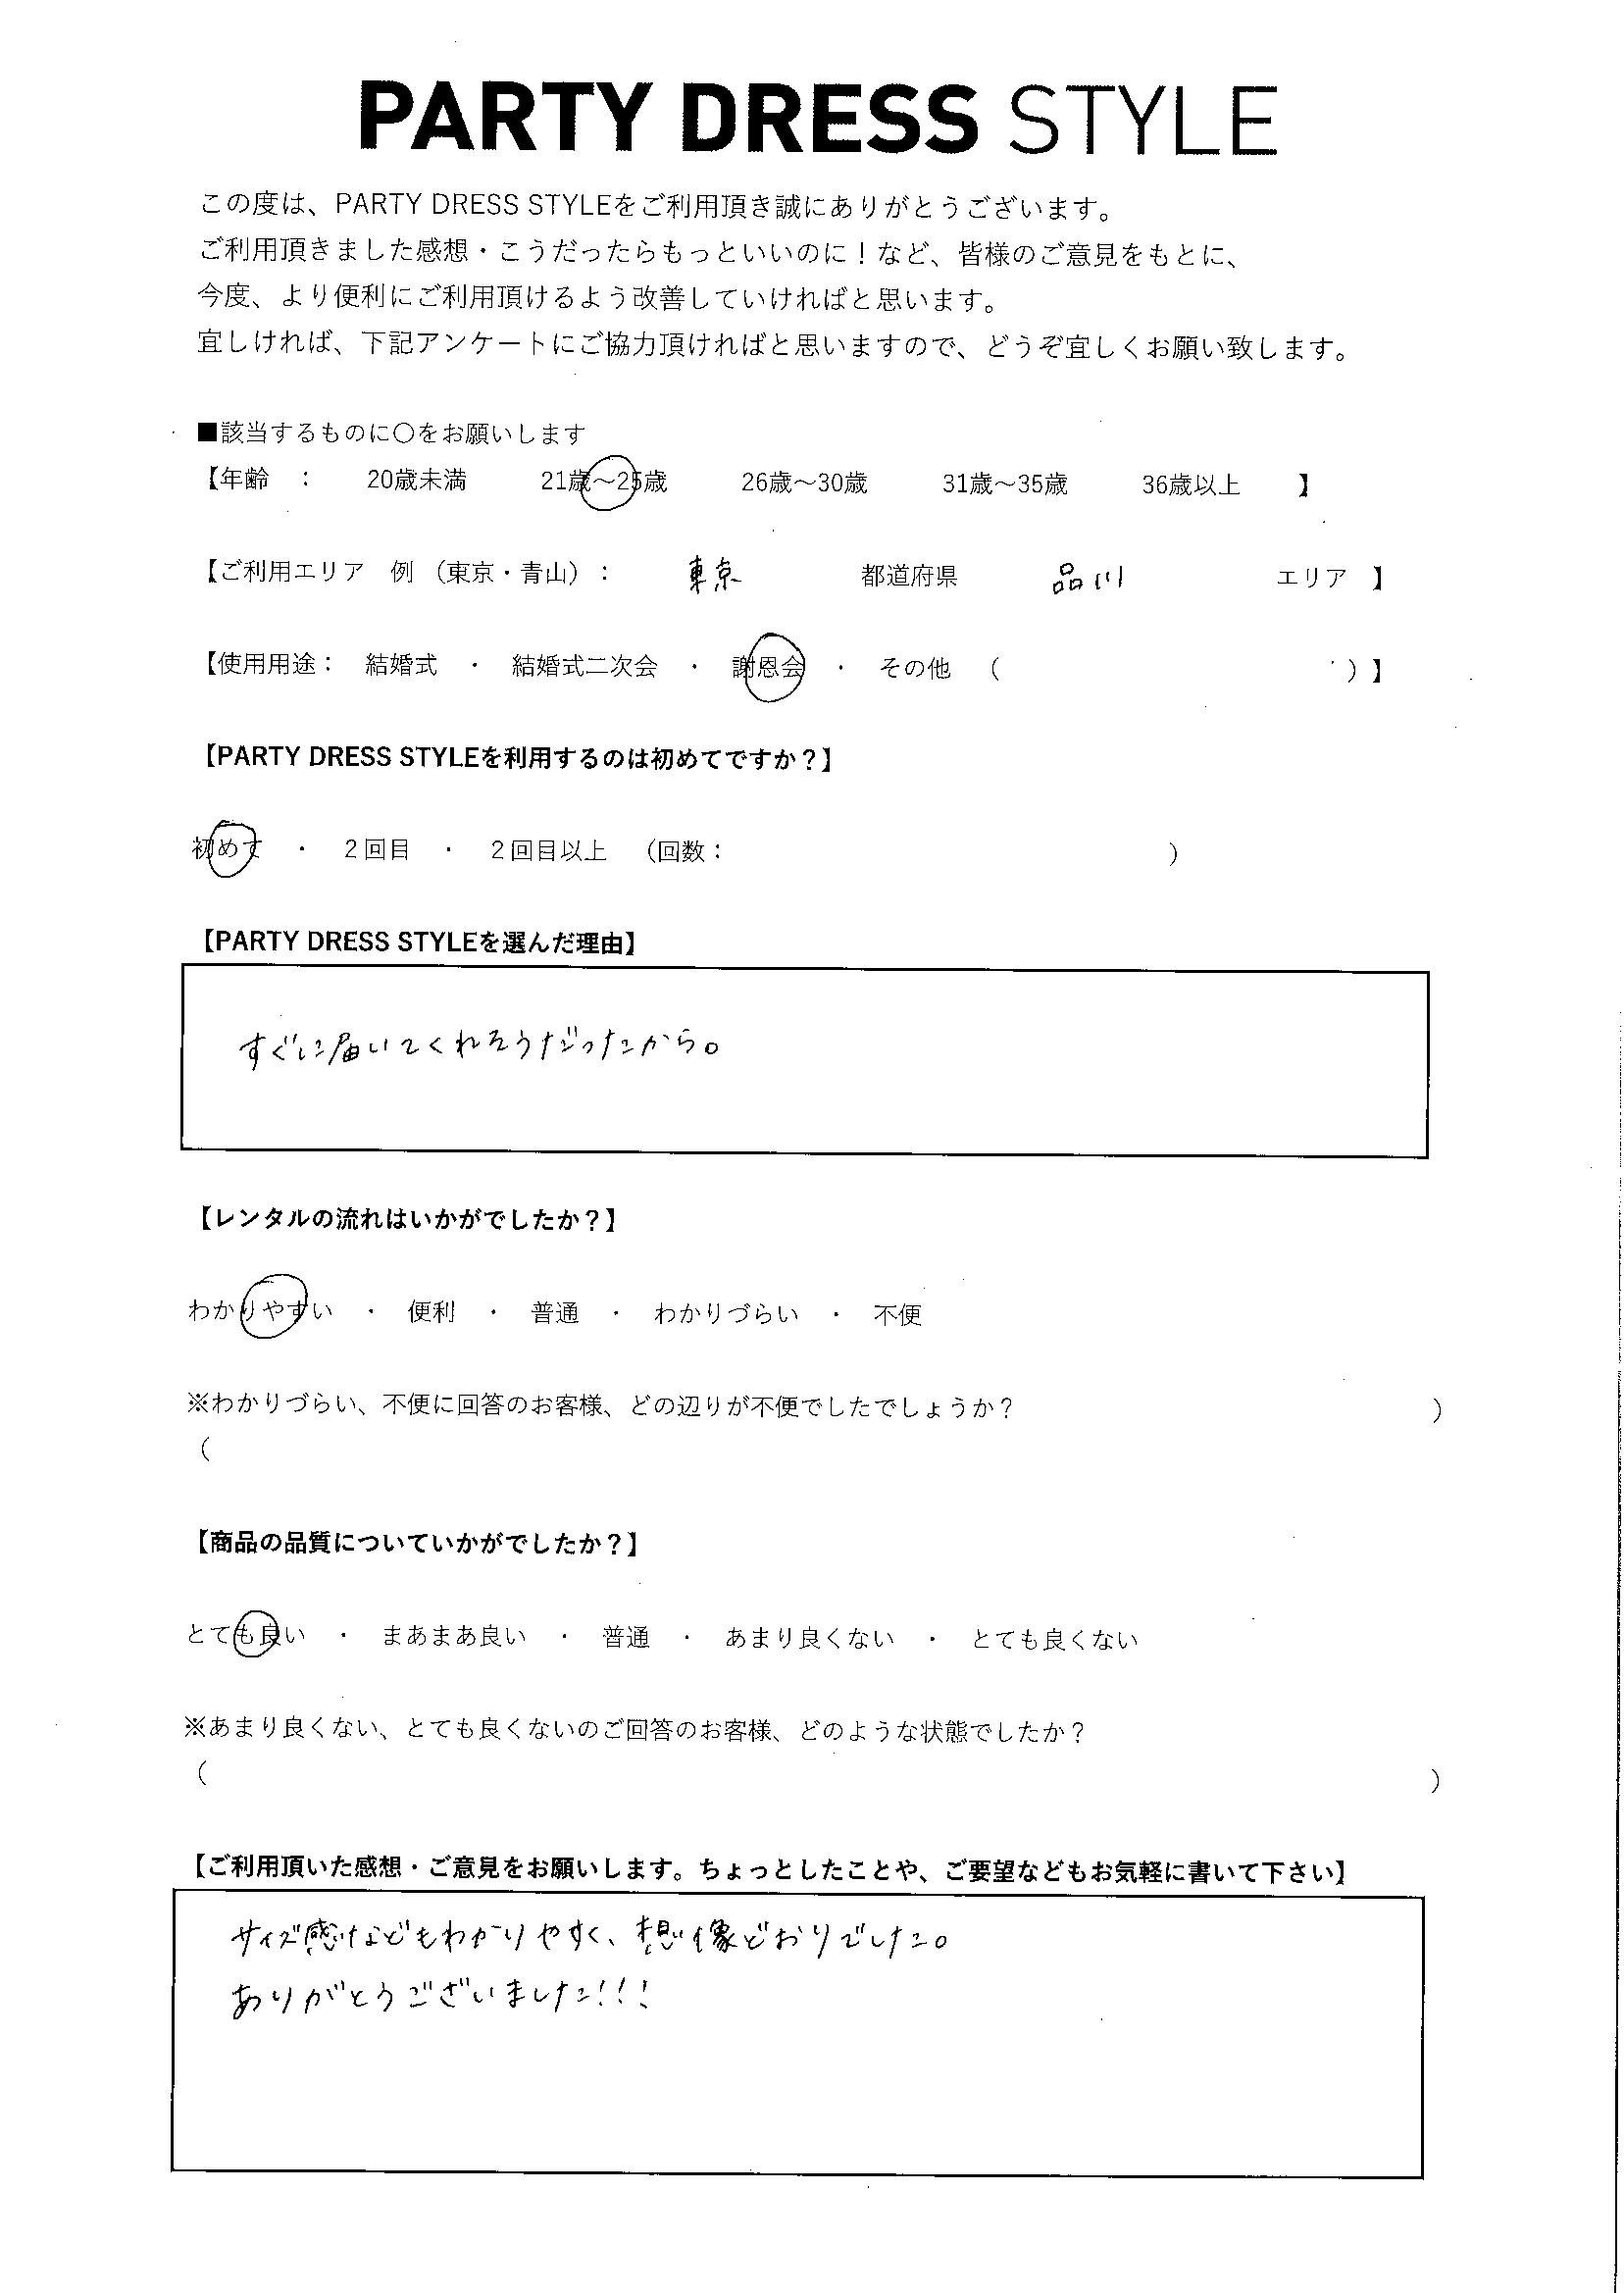 3/18謝恩会ご利用 東京・品川エリア